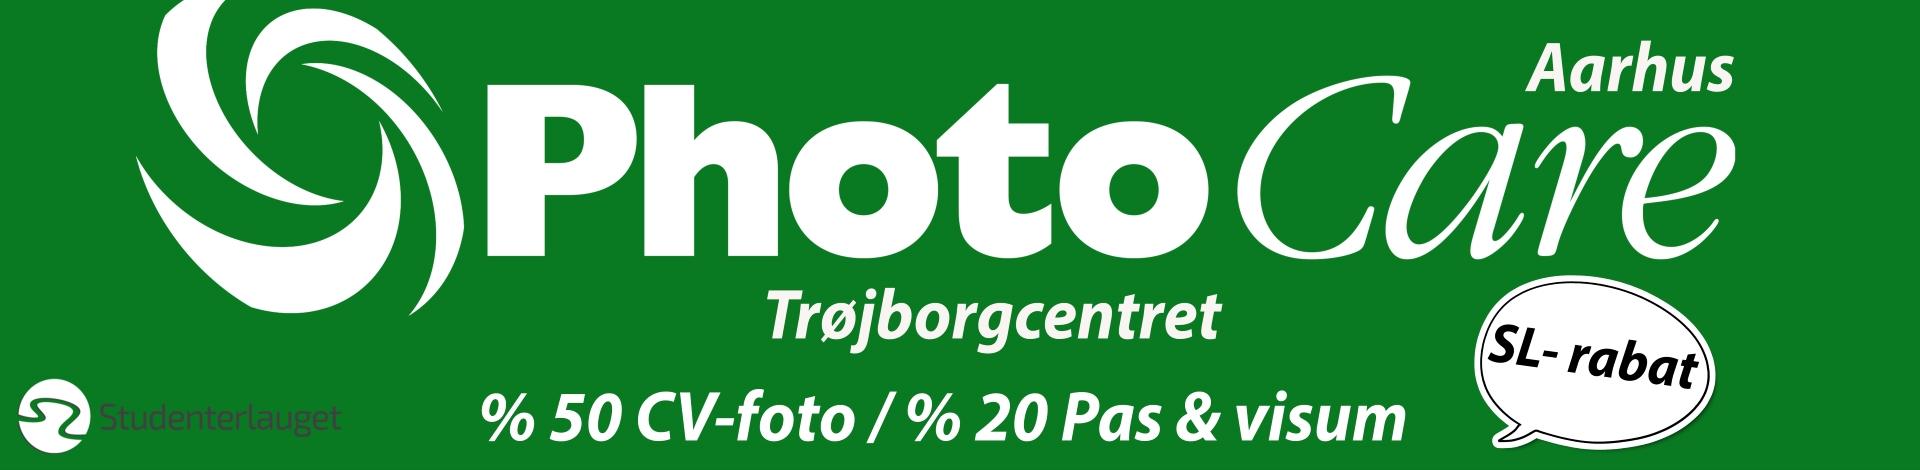 PhotoCare Aarhus